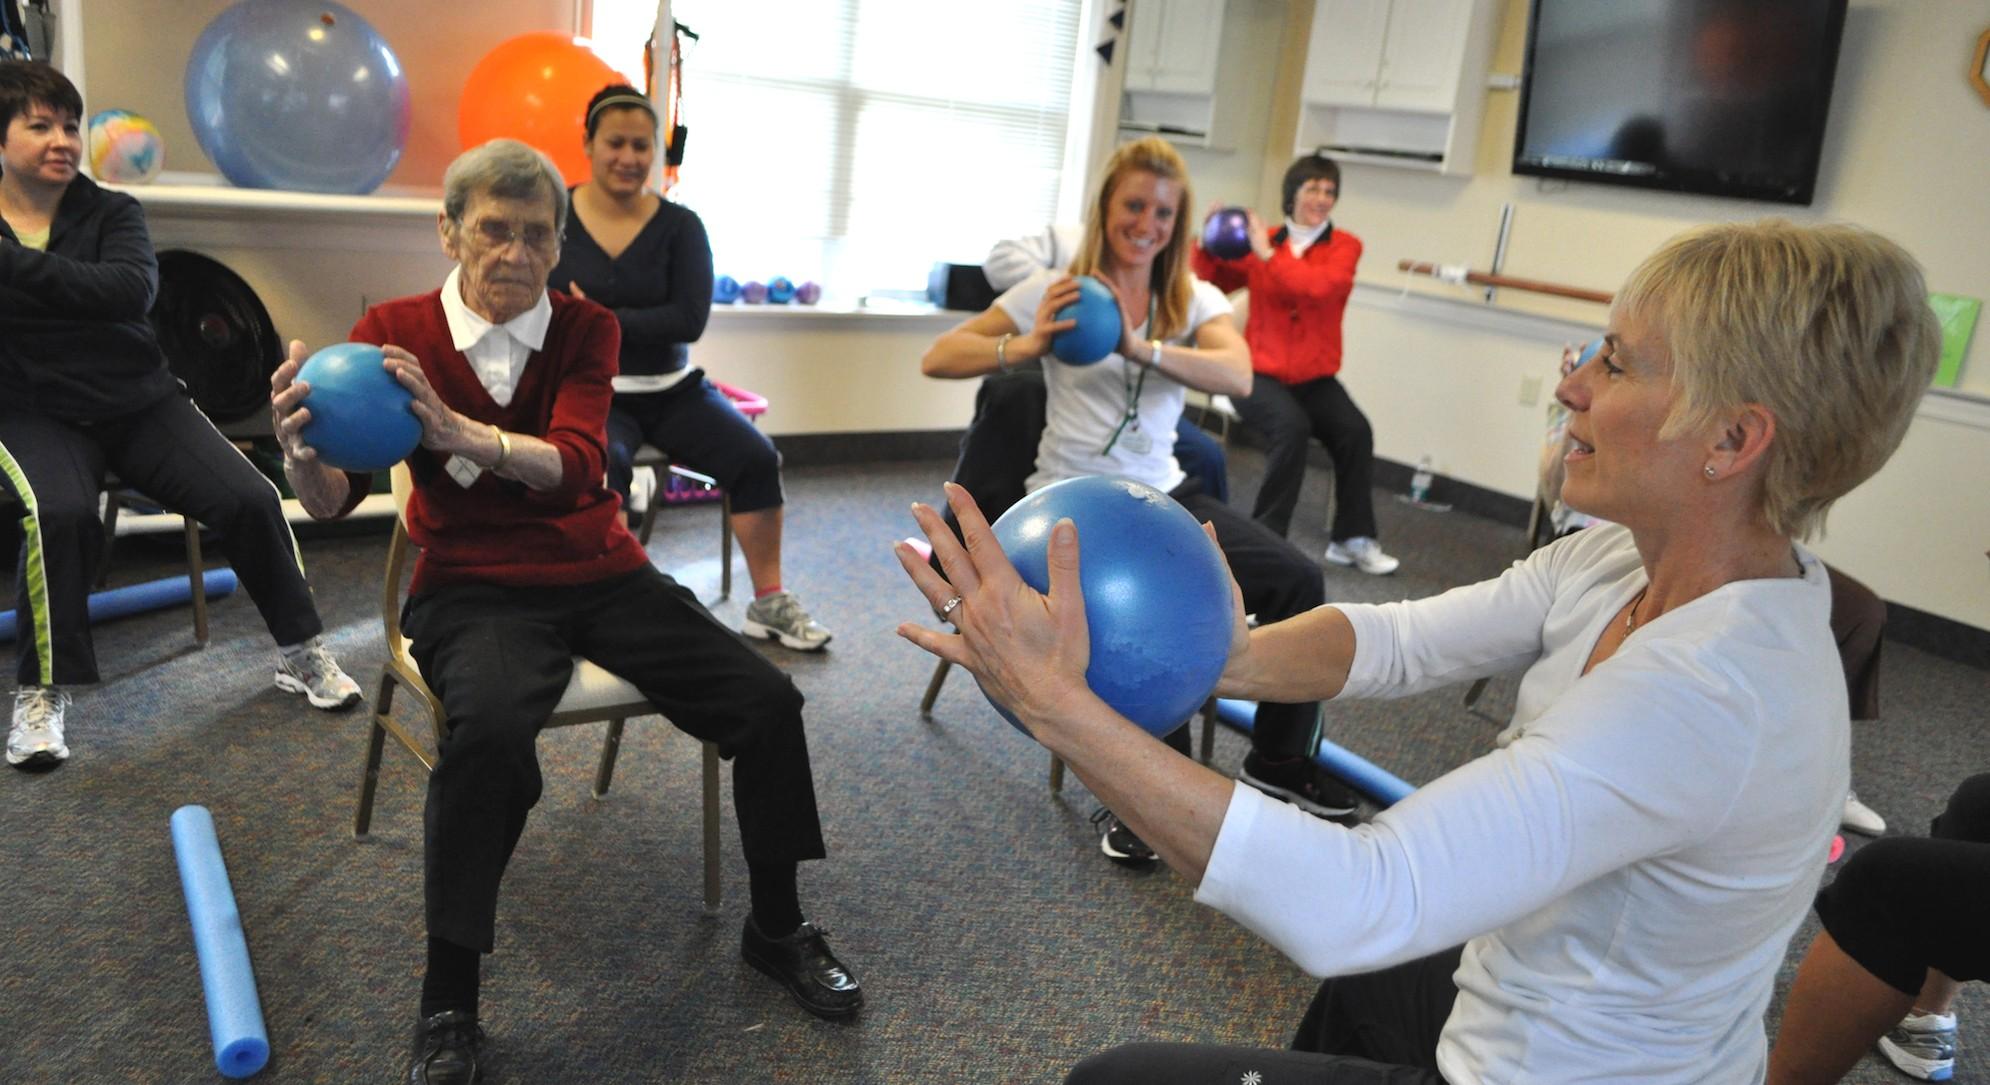 Falls Prevention Programs Make Life Better In Senior Communities